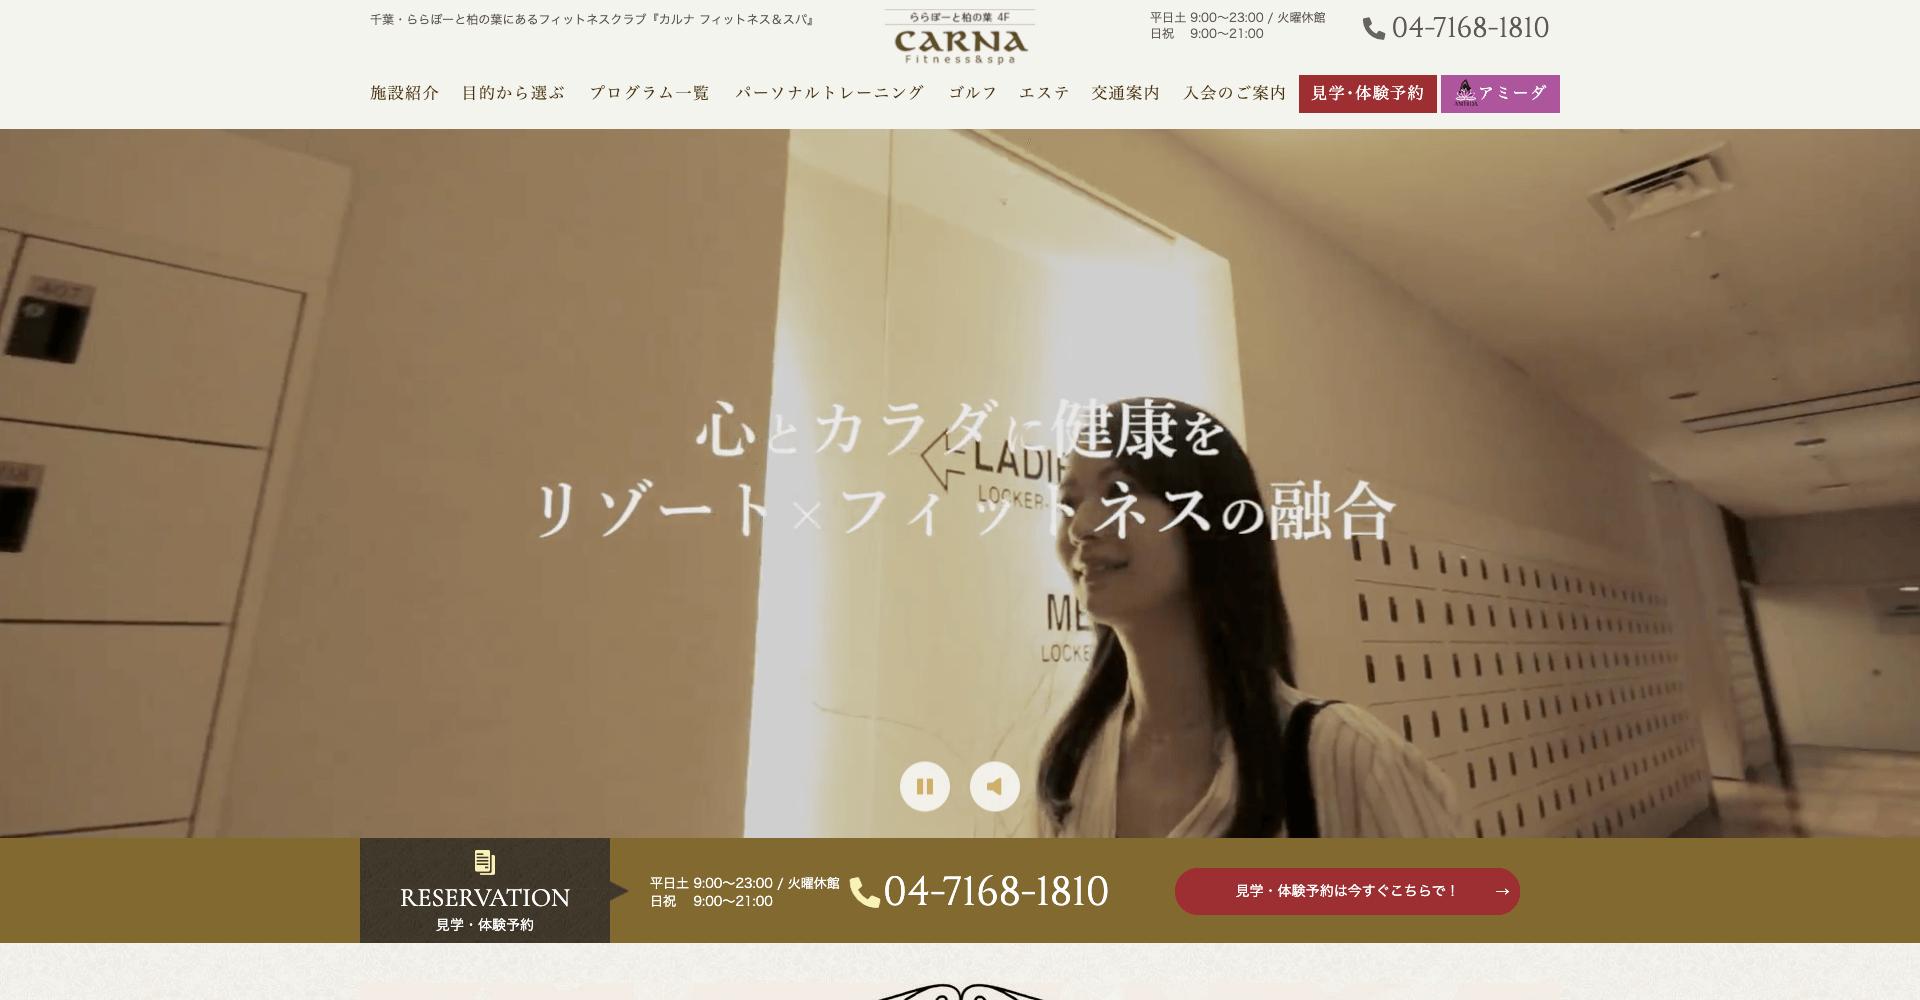 CARNA ららぽーと柏の葉店